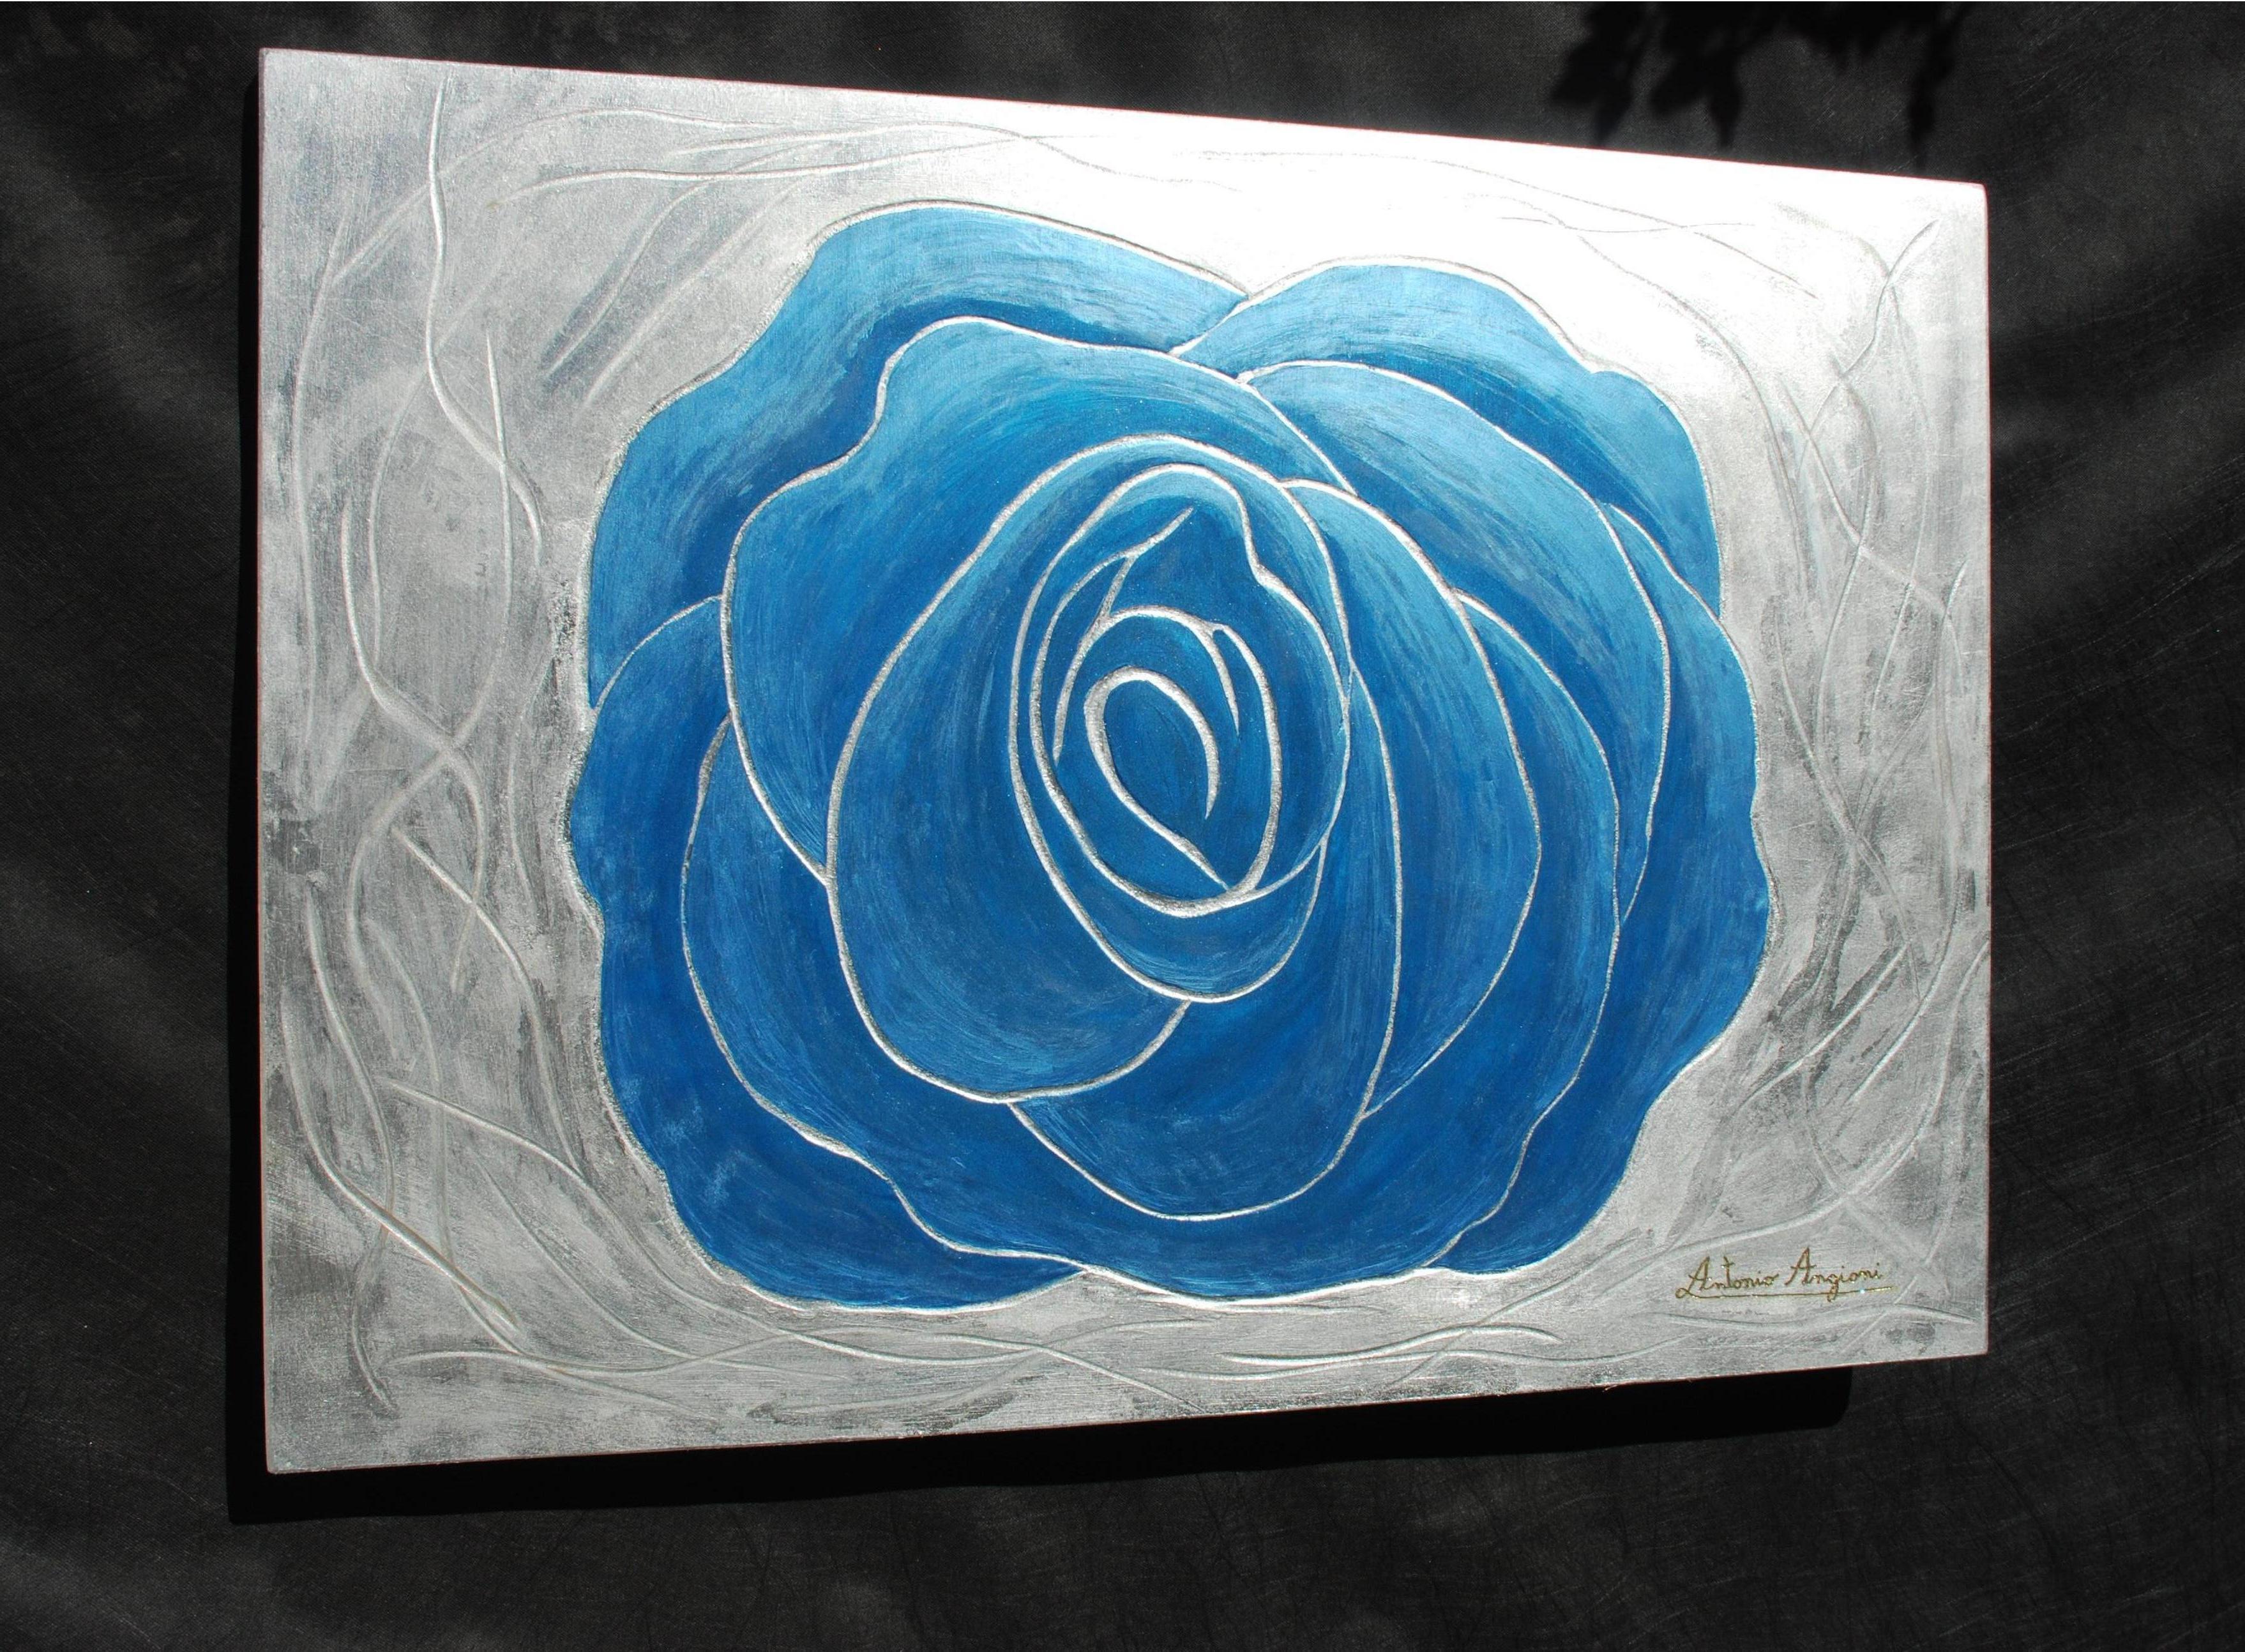 Rosa Blu Acrilico Su Sfondo Foglia Argento 80x120 Cm Antonio Angioni